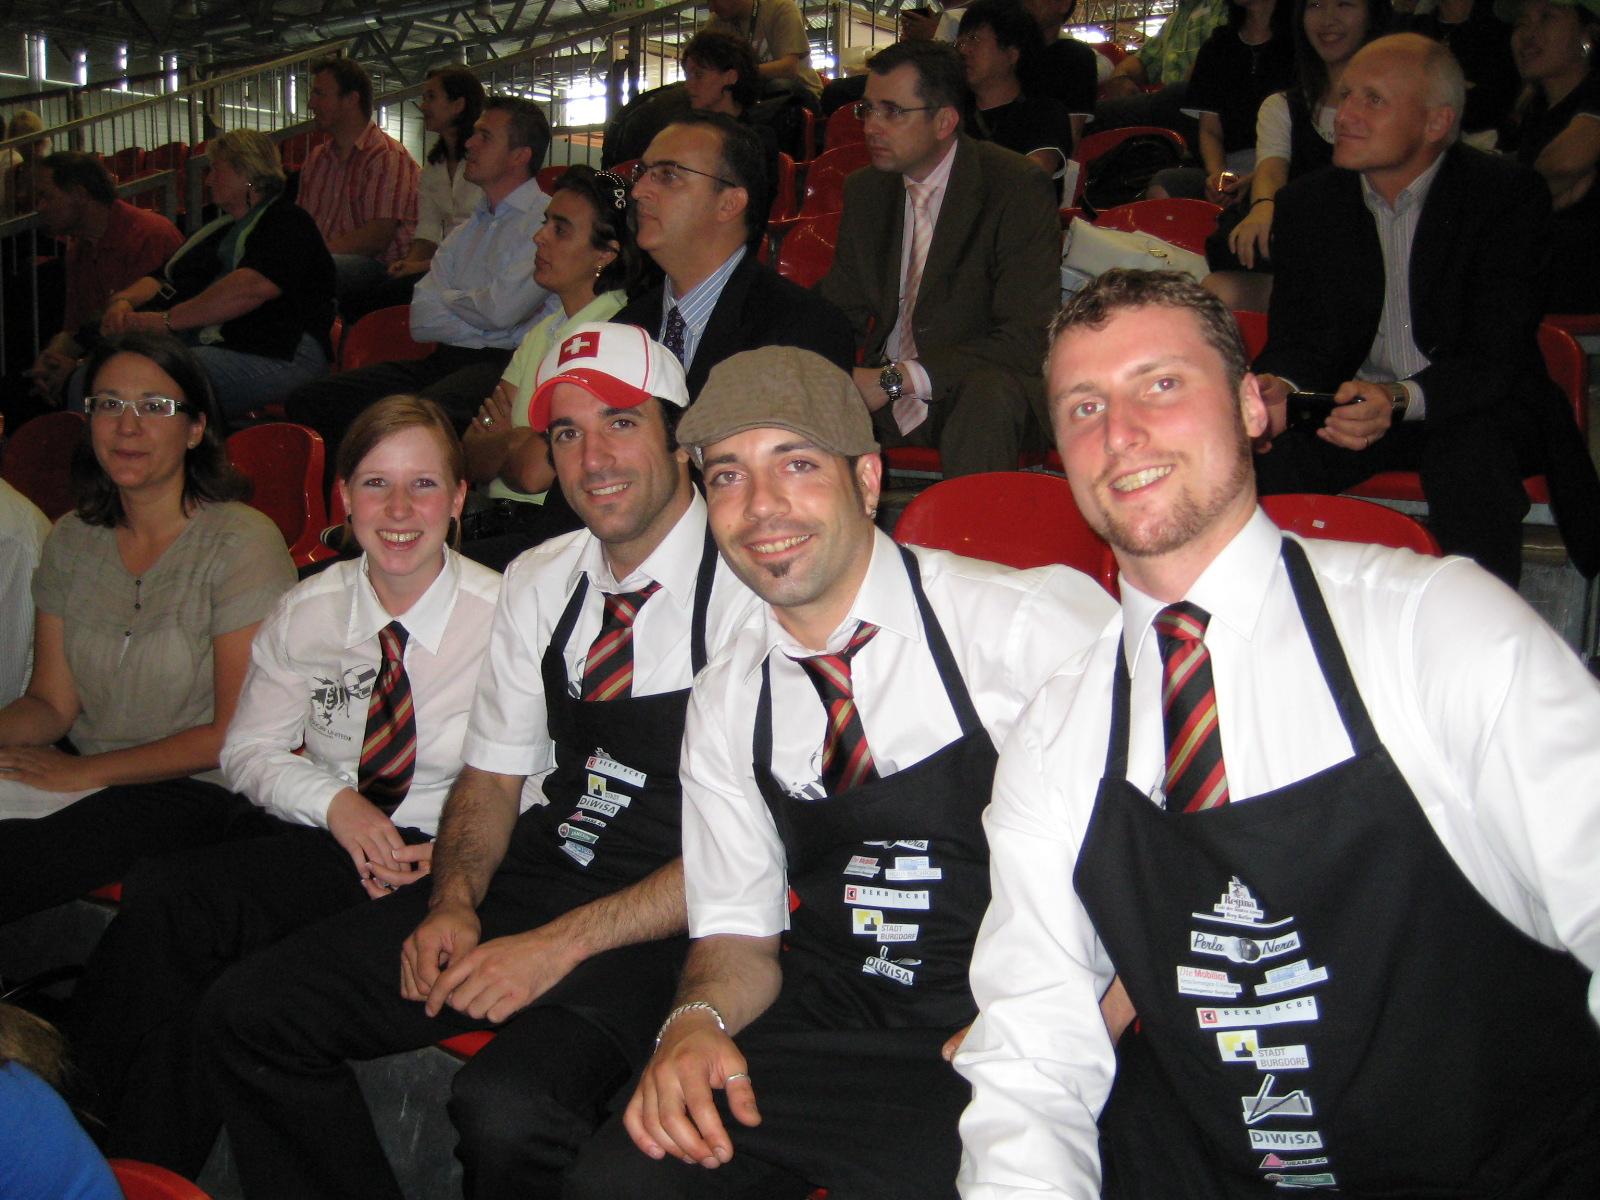 Das Schweizer Team an der coffena (v.l.): Barbara Held (Trainer), Sandra Stucki, Giovanni Meola (Trainer), Sylvain Ernst (Trainer) und Martin Egger